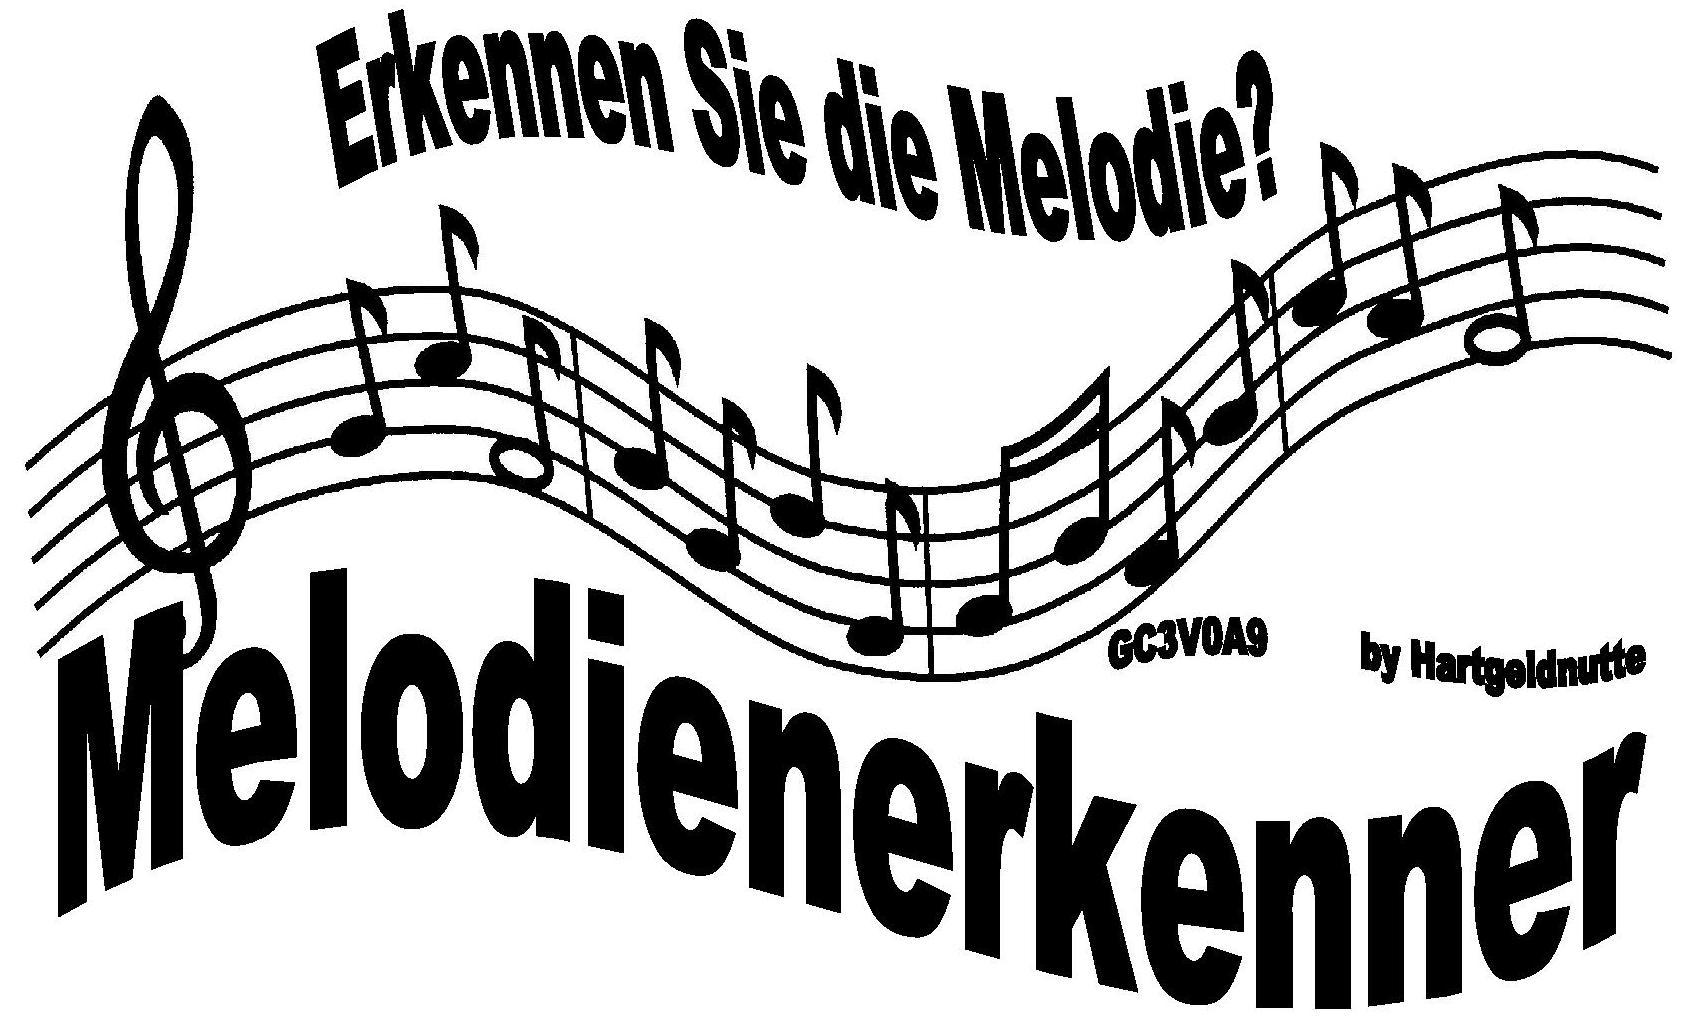 Erkennen Sie die Melodie?